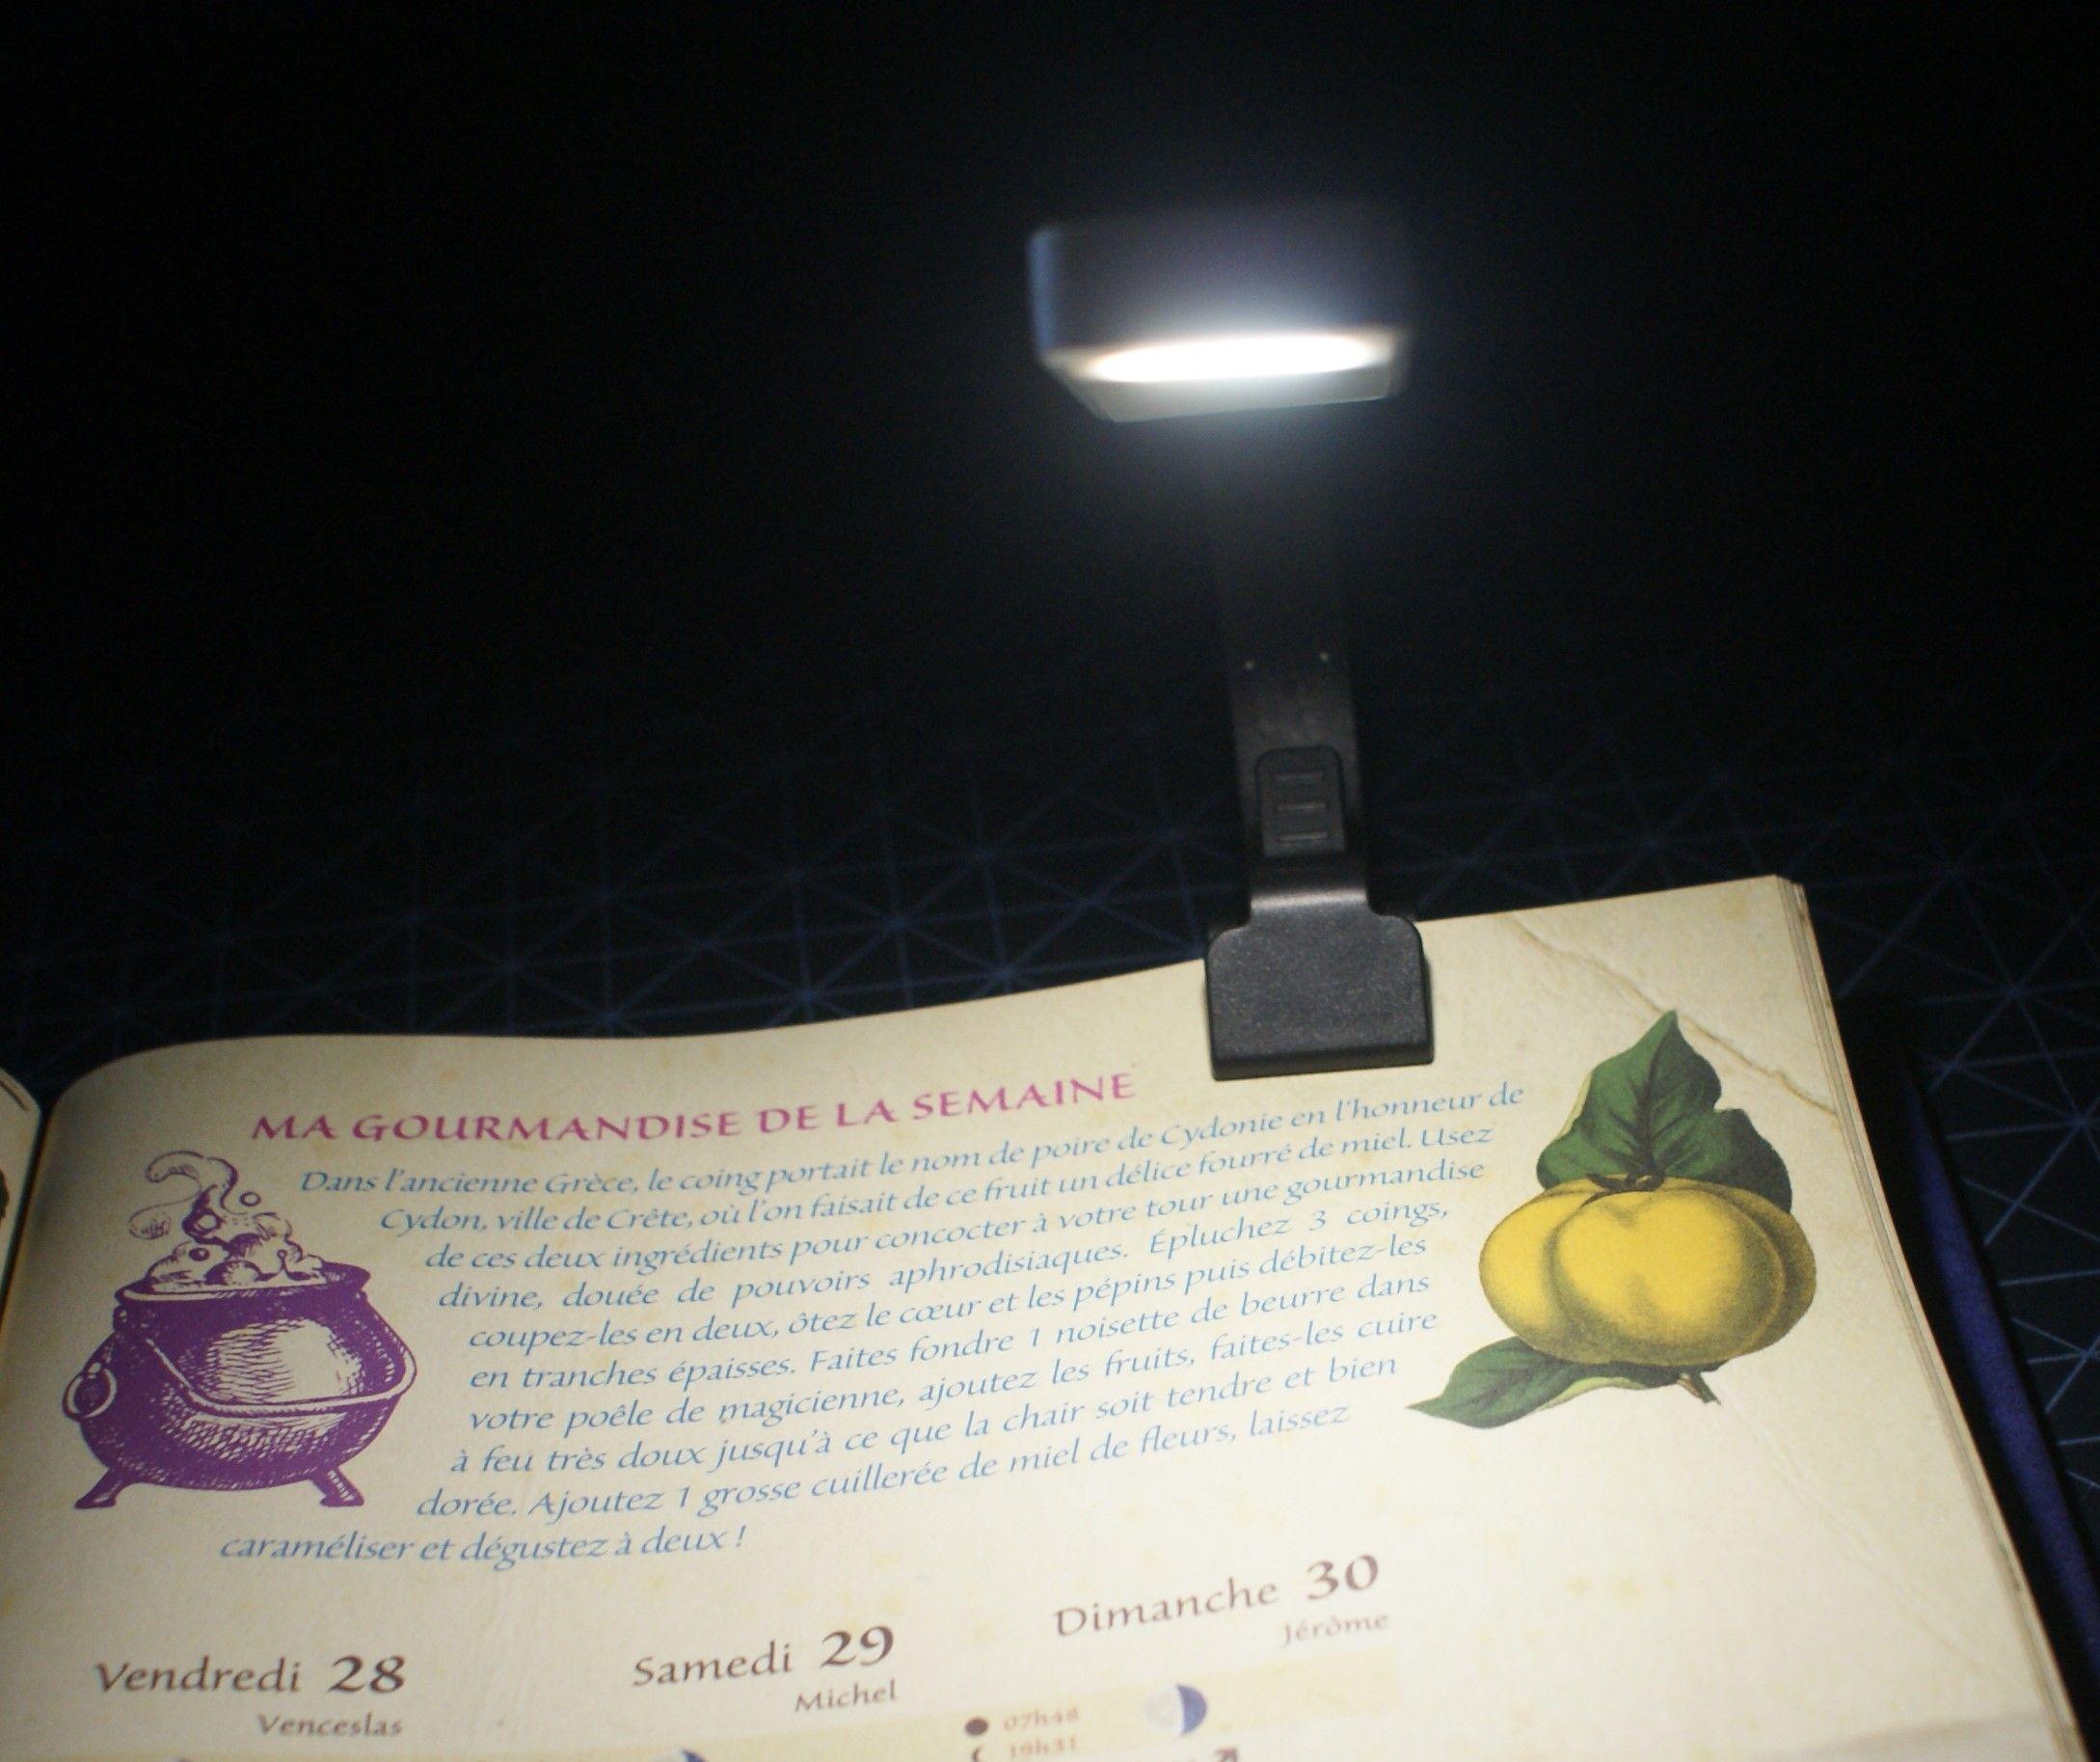 Cette Lecture Pratiqueactopplampe Est Lampe De Petite vmN8nw0